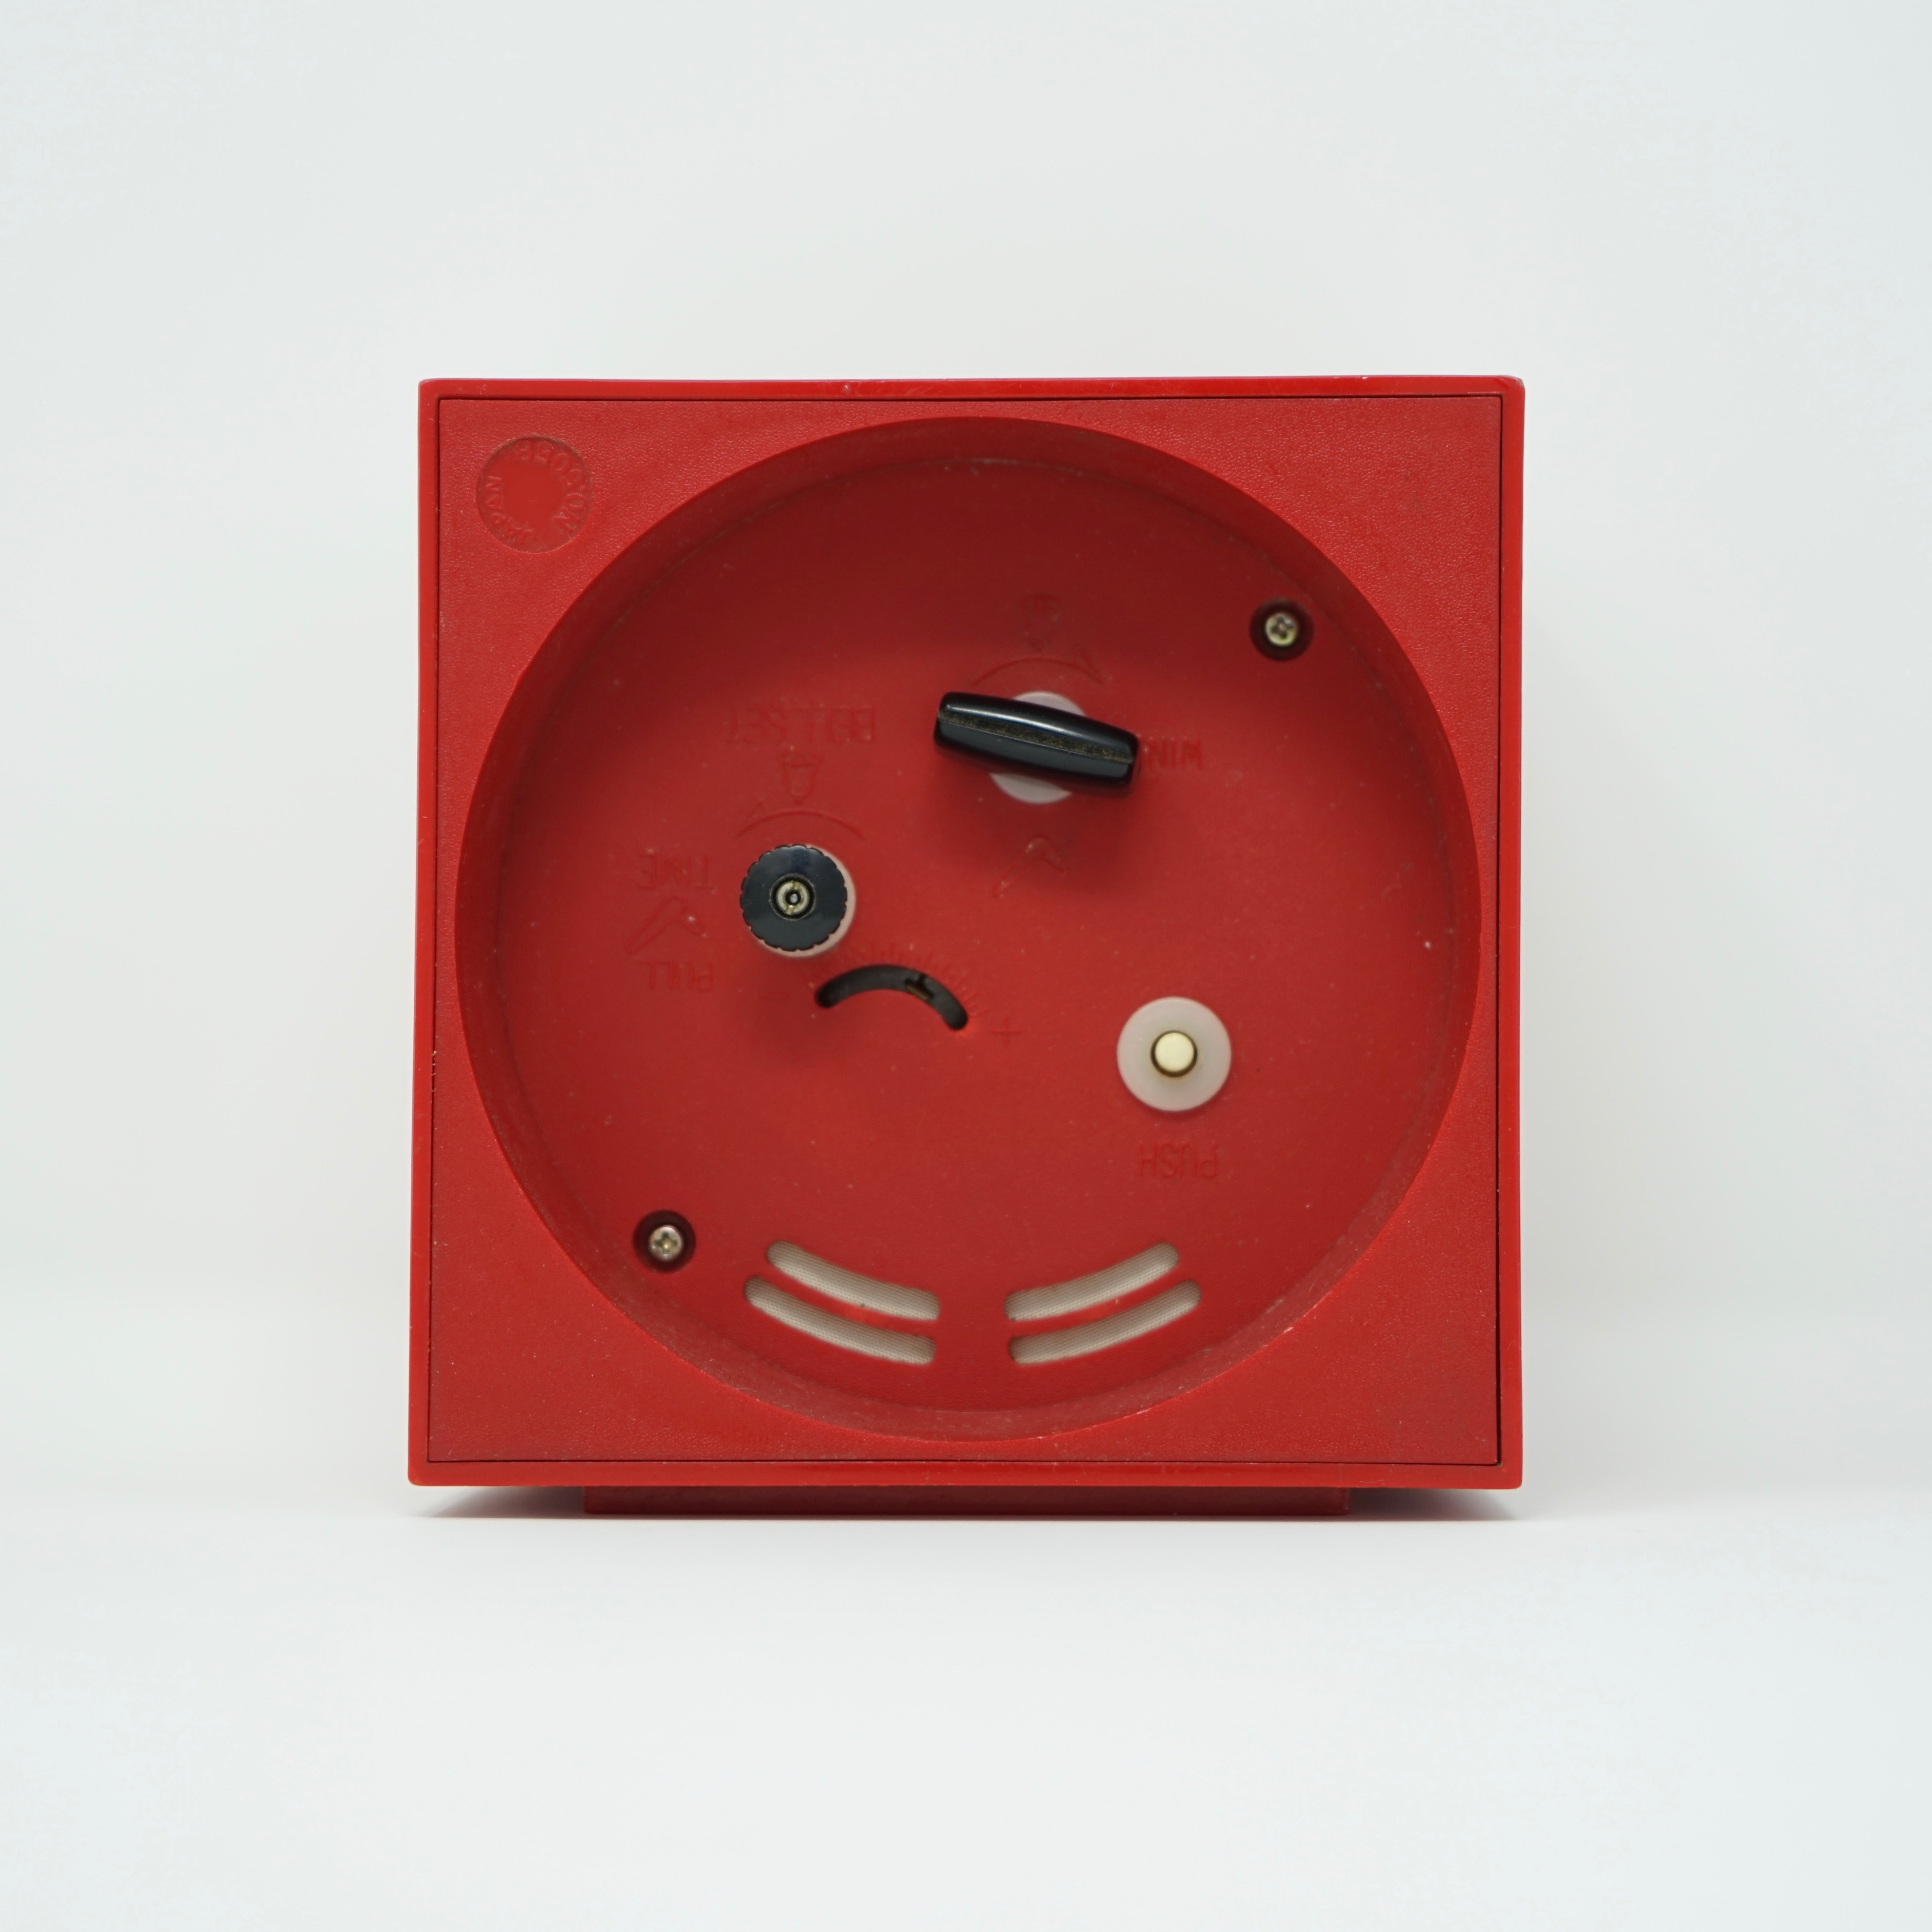 Réveil Design Rouge Garant Derrière